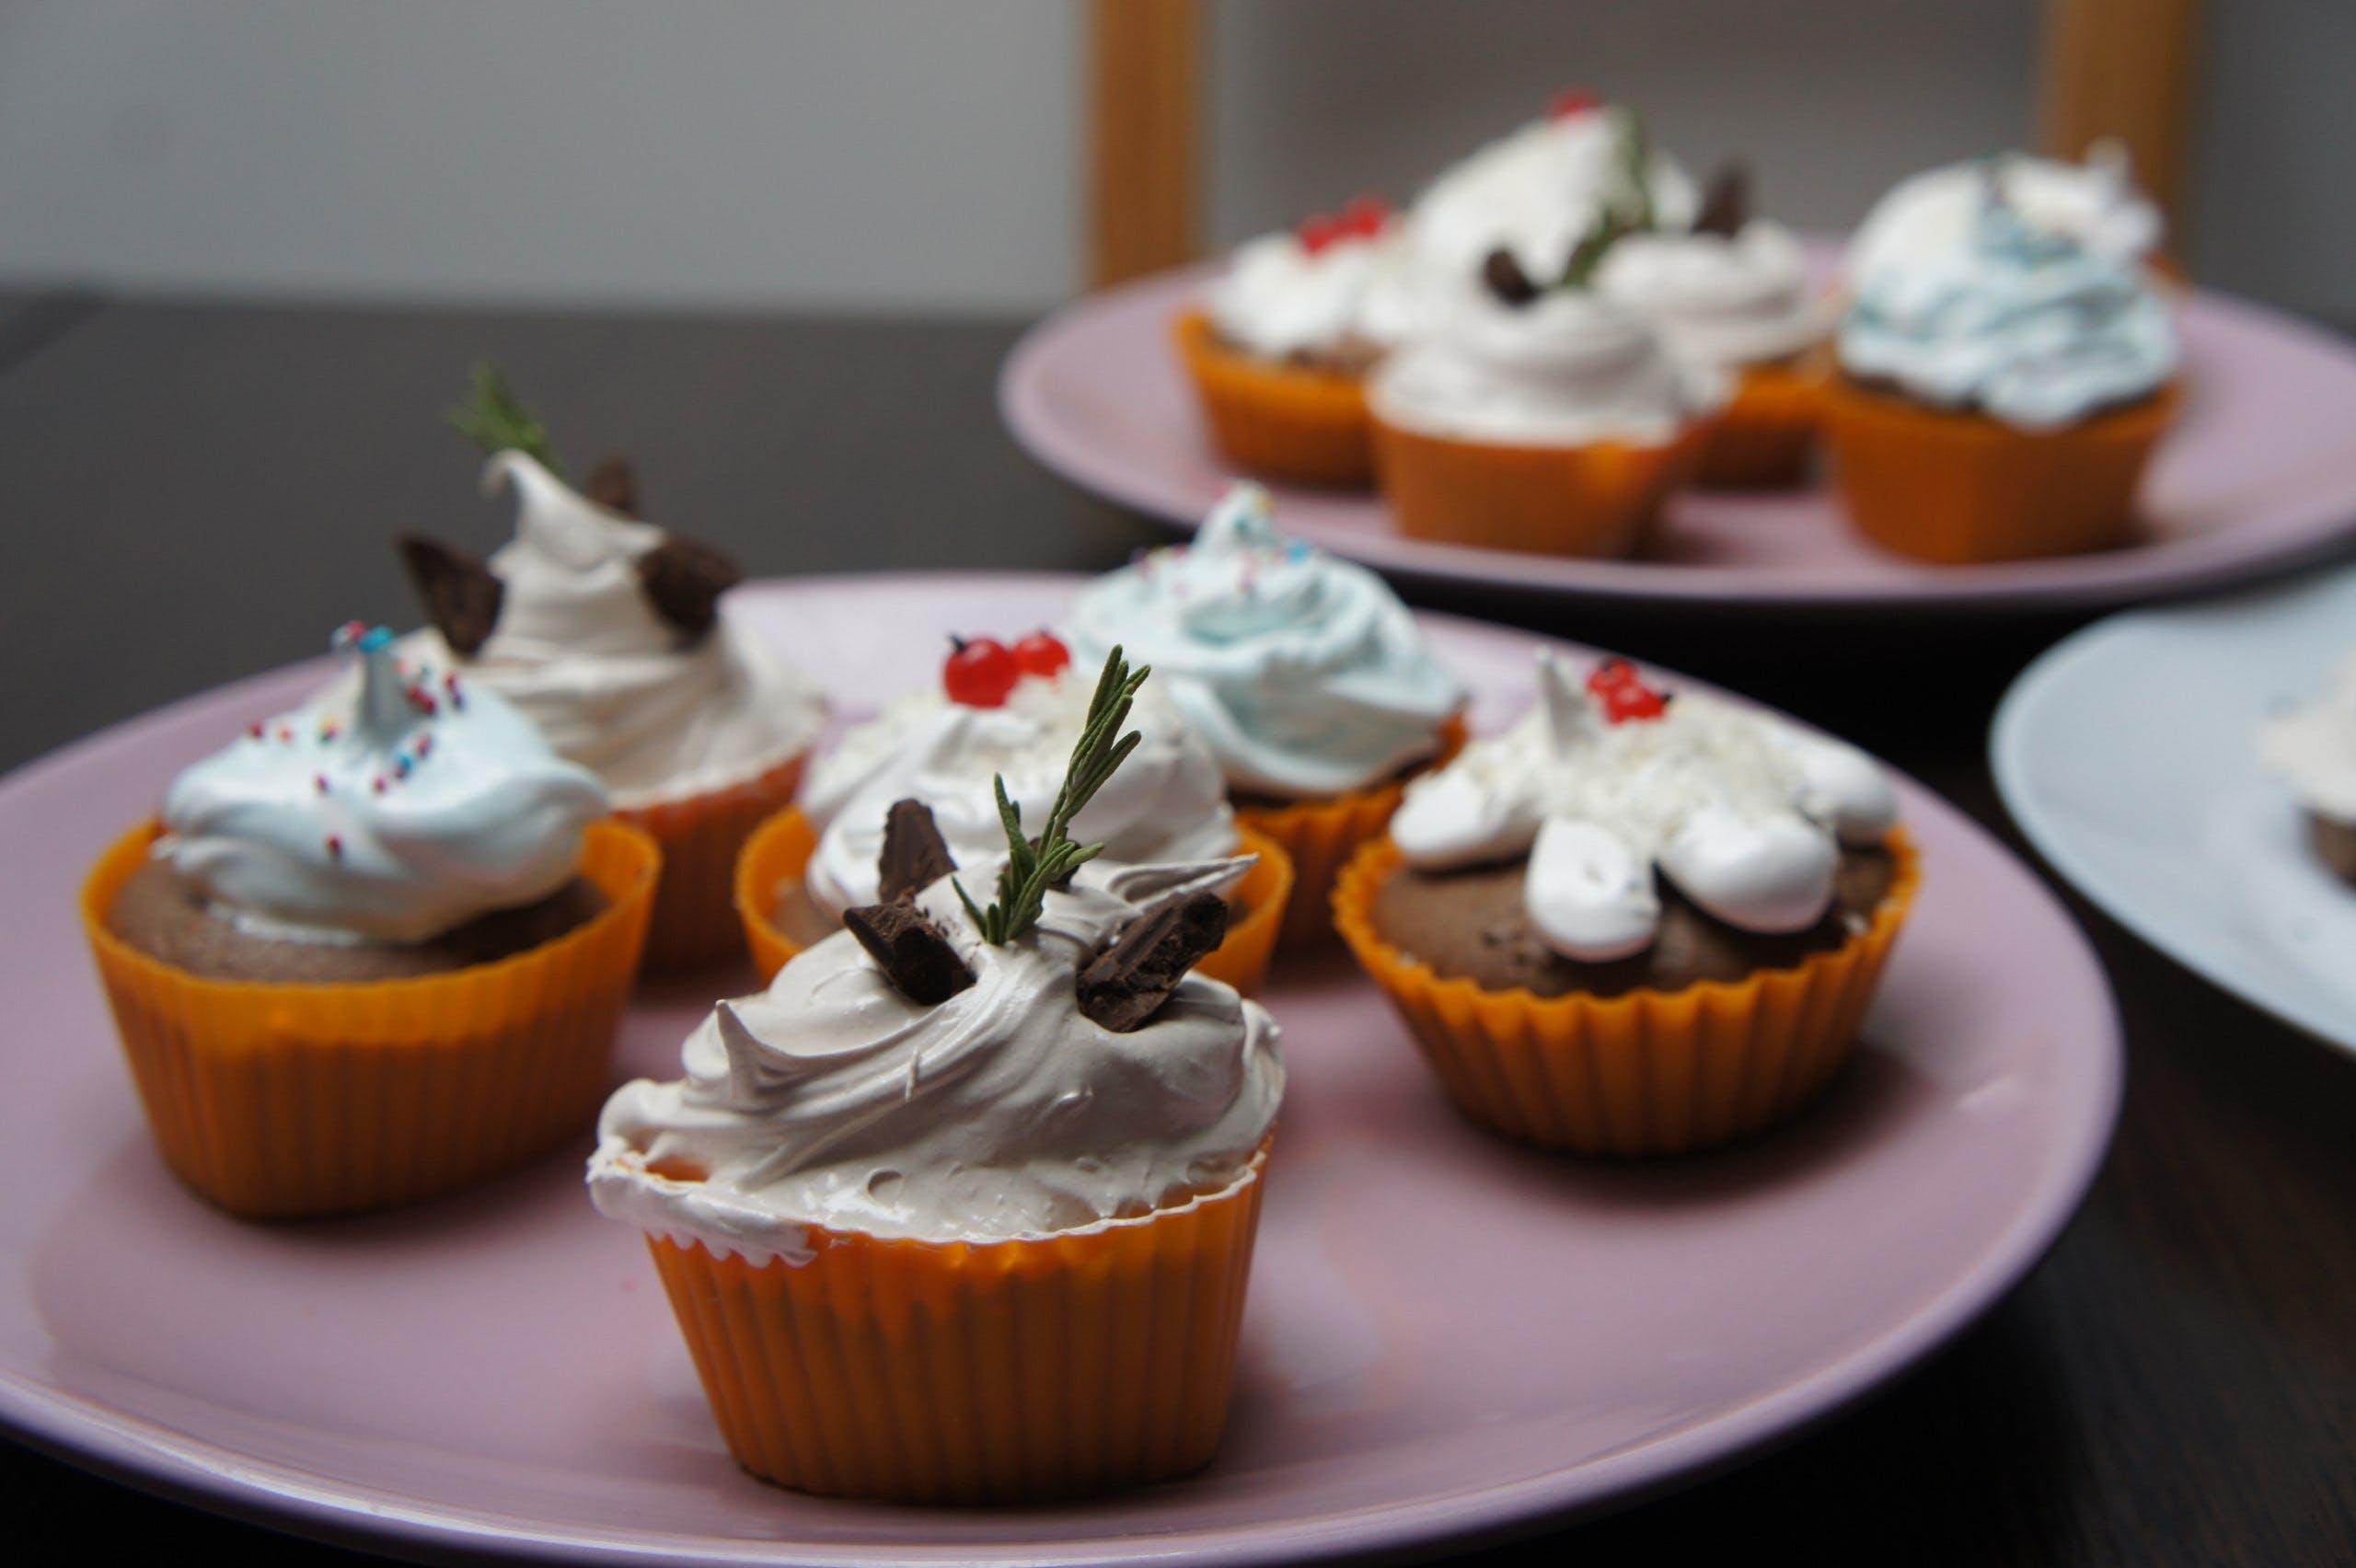 čokoláda, čokoládové dortíky, dortíky